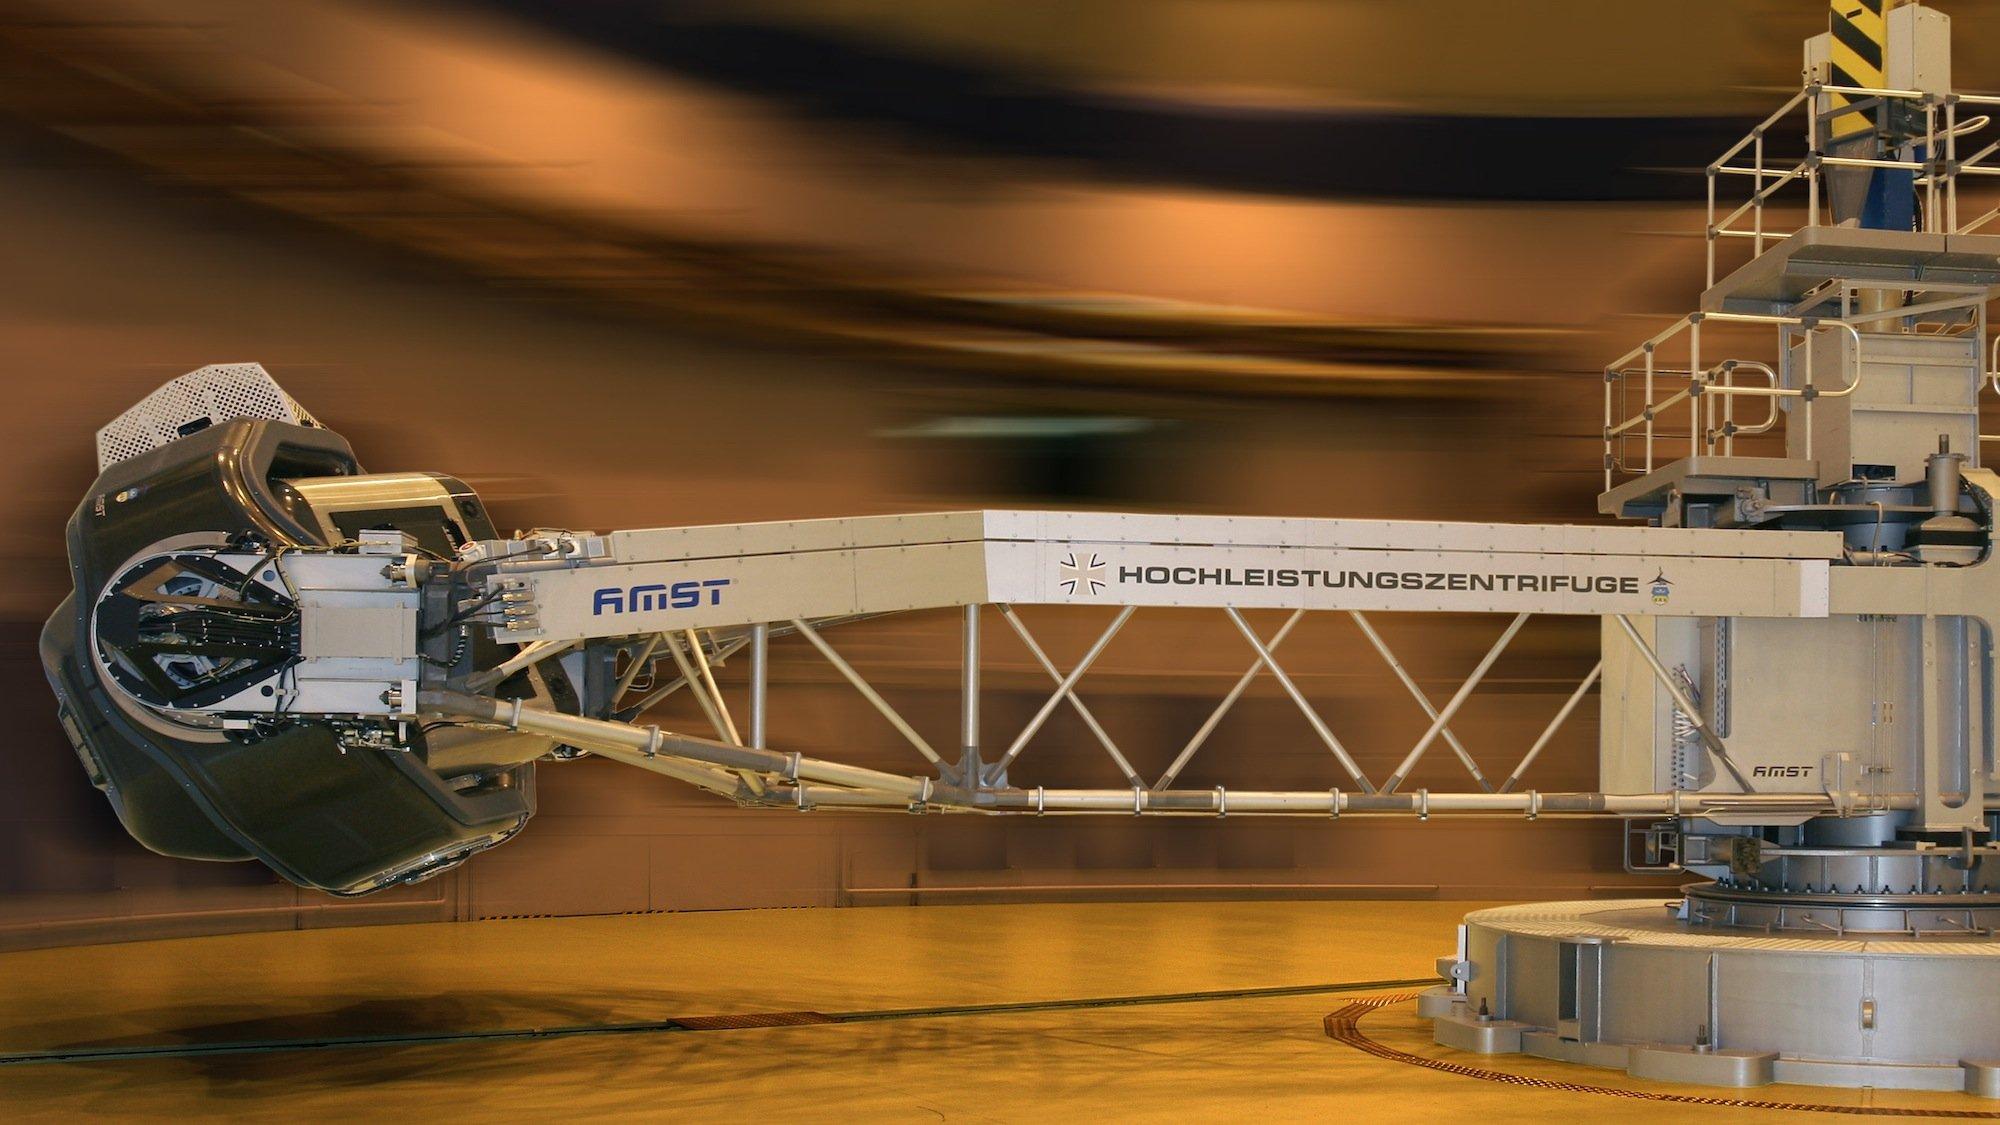 Humanzentrifuge AMST:Die Institute des DLR und der Luftwaffe betreiben Großanlagen wie Druckkammern und Humanzentrifugen, die für unterschiedliche wissenschaftliche Fragestellungen eingesetzt werden.